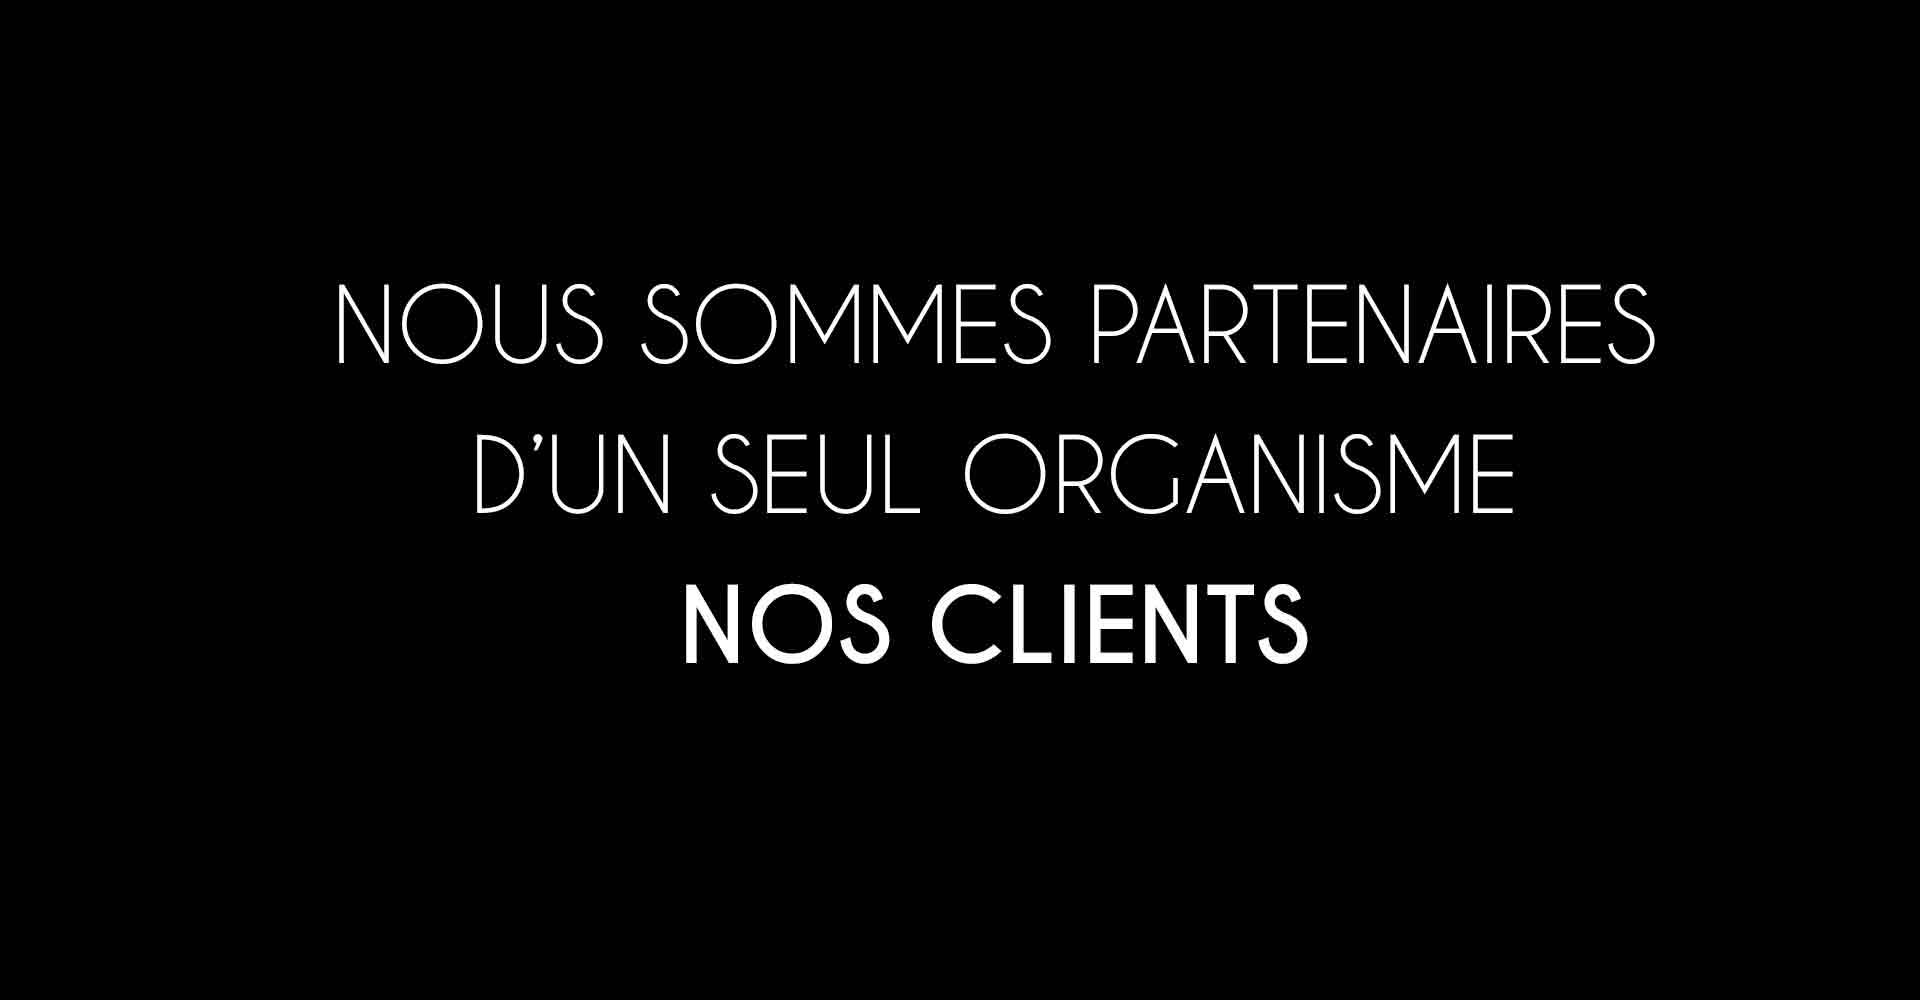 Mutuelles nous sommes partenaires de nos clients